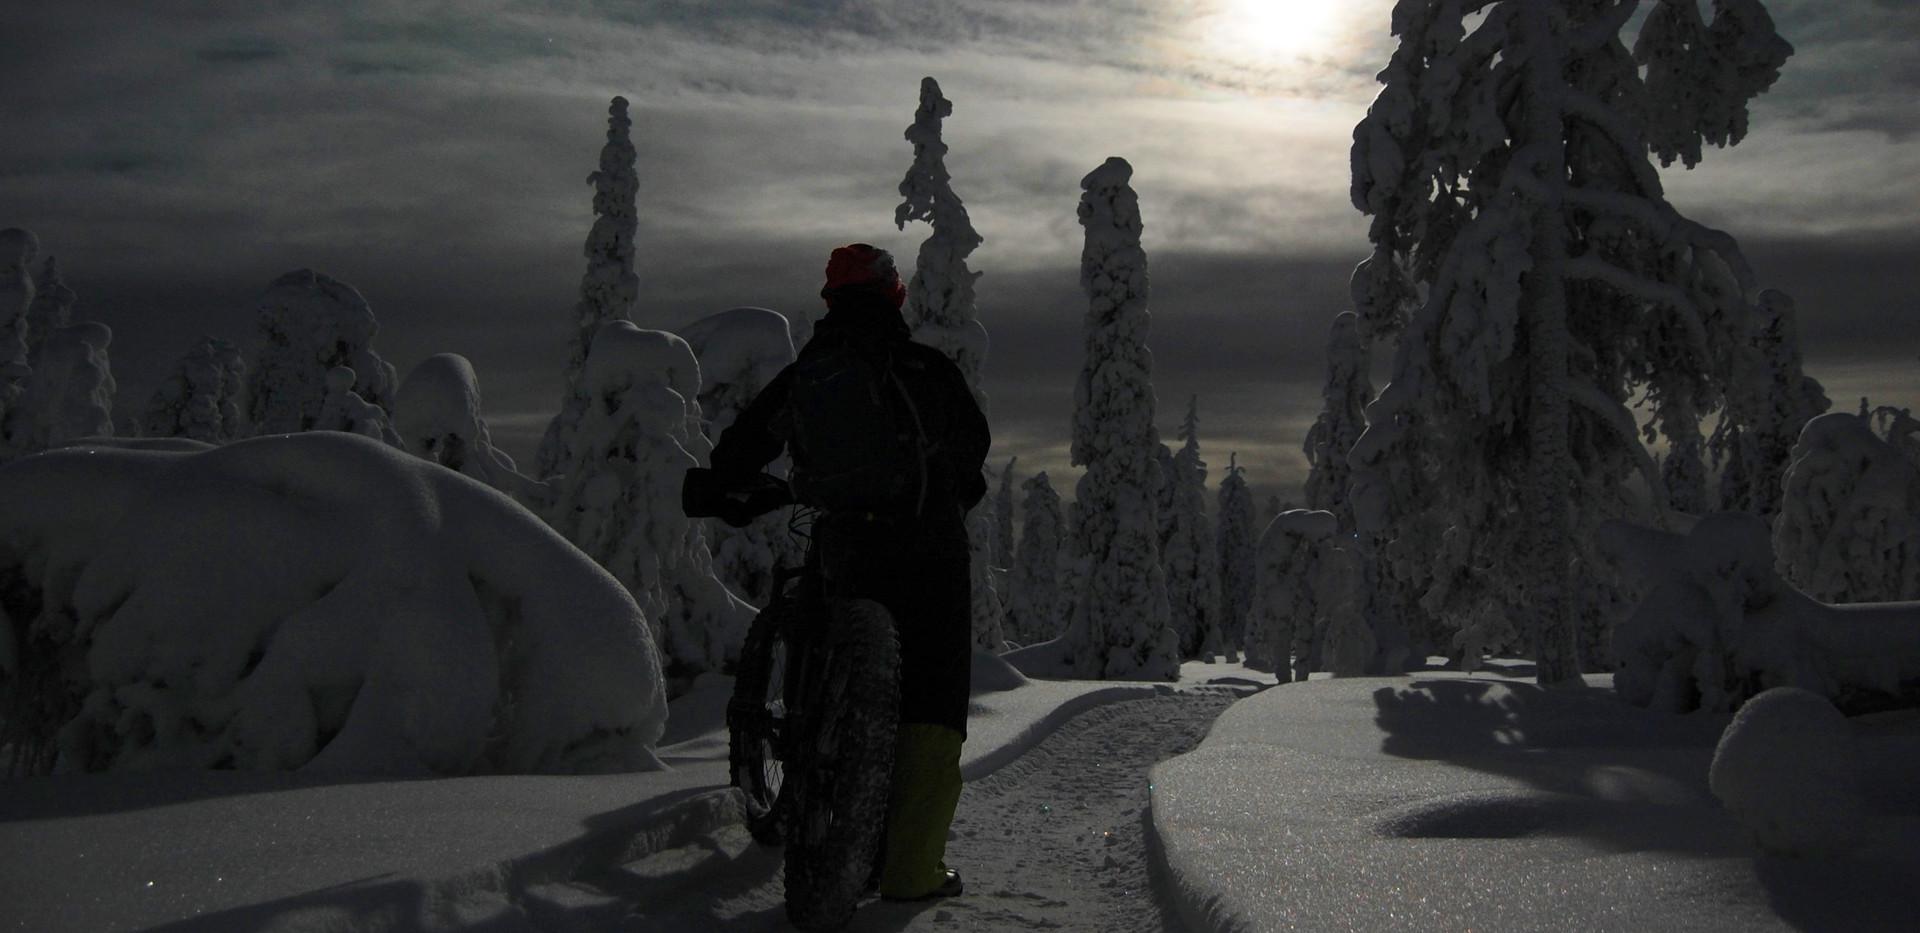 Winter biking in Moonlight